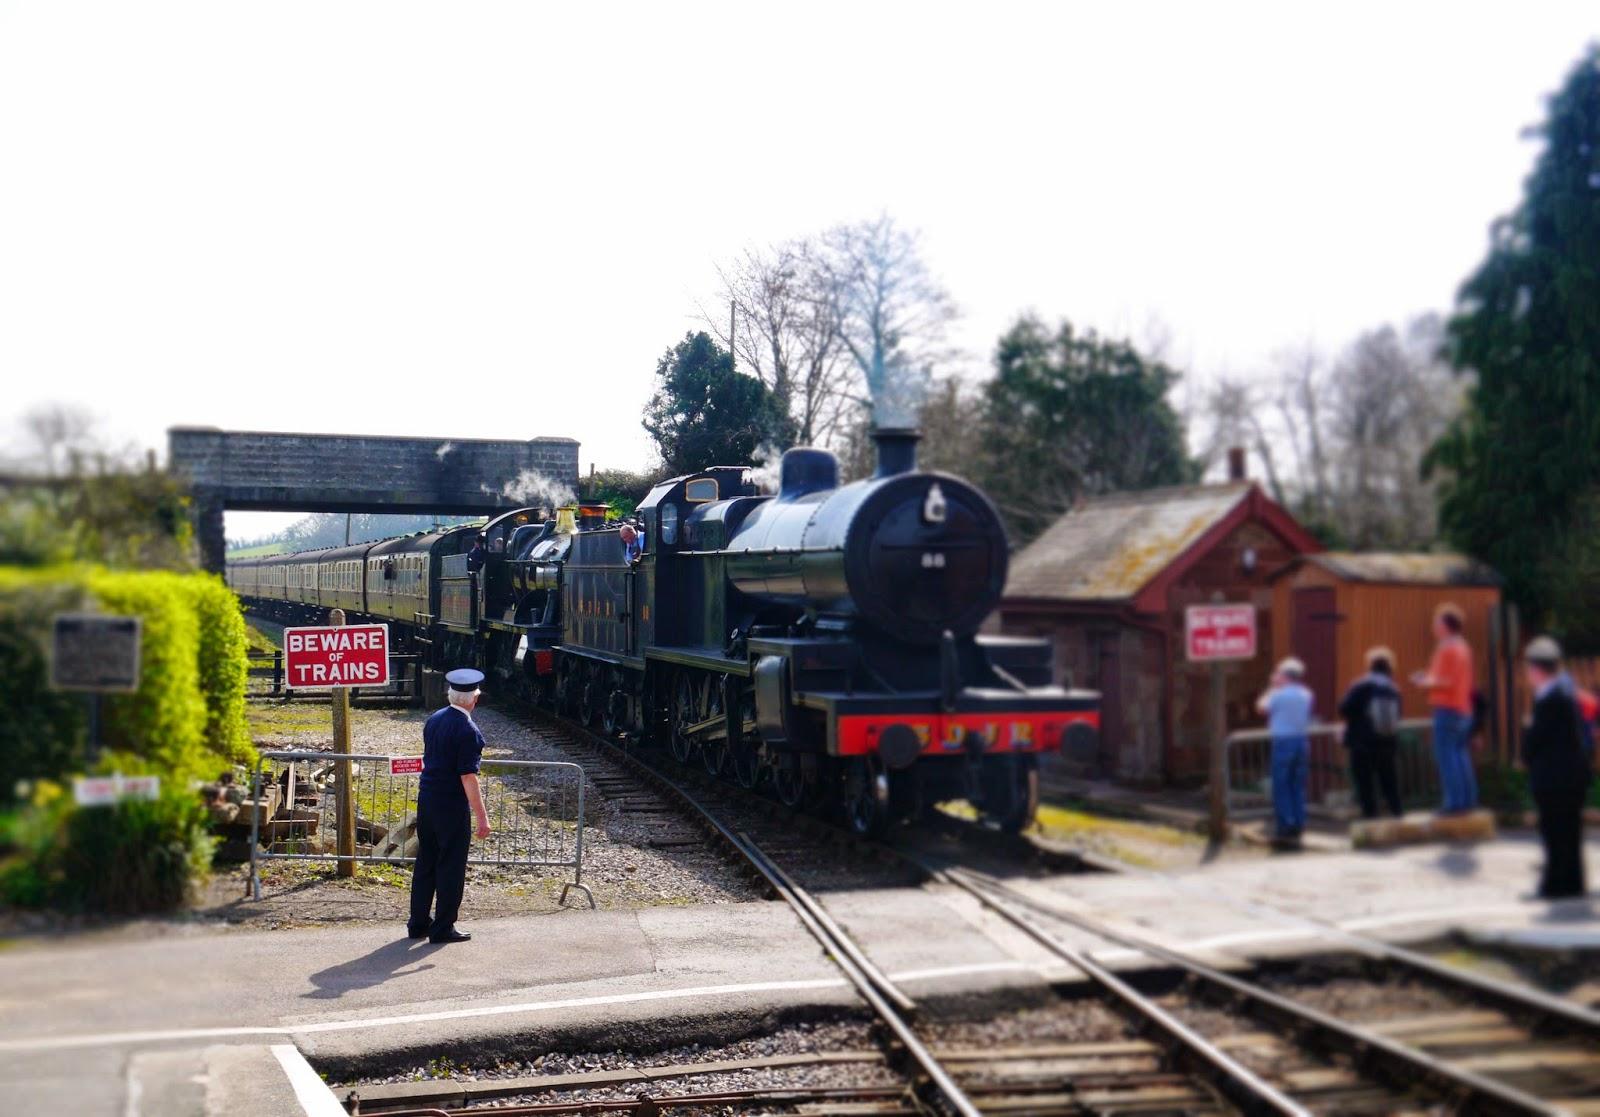 SDJR 88 Engine in Washford